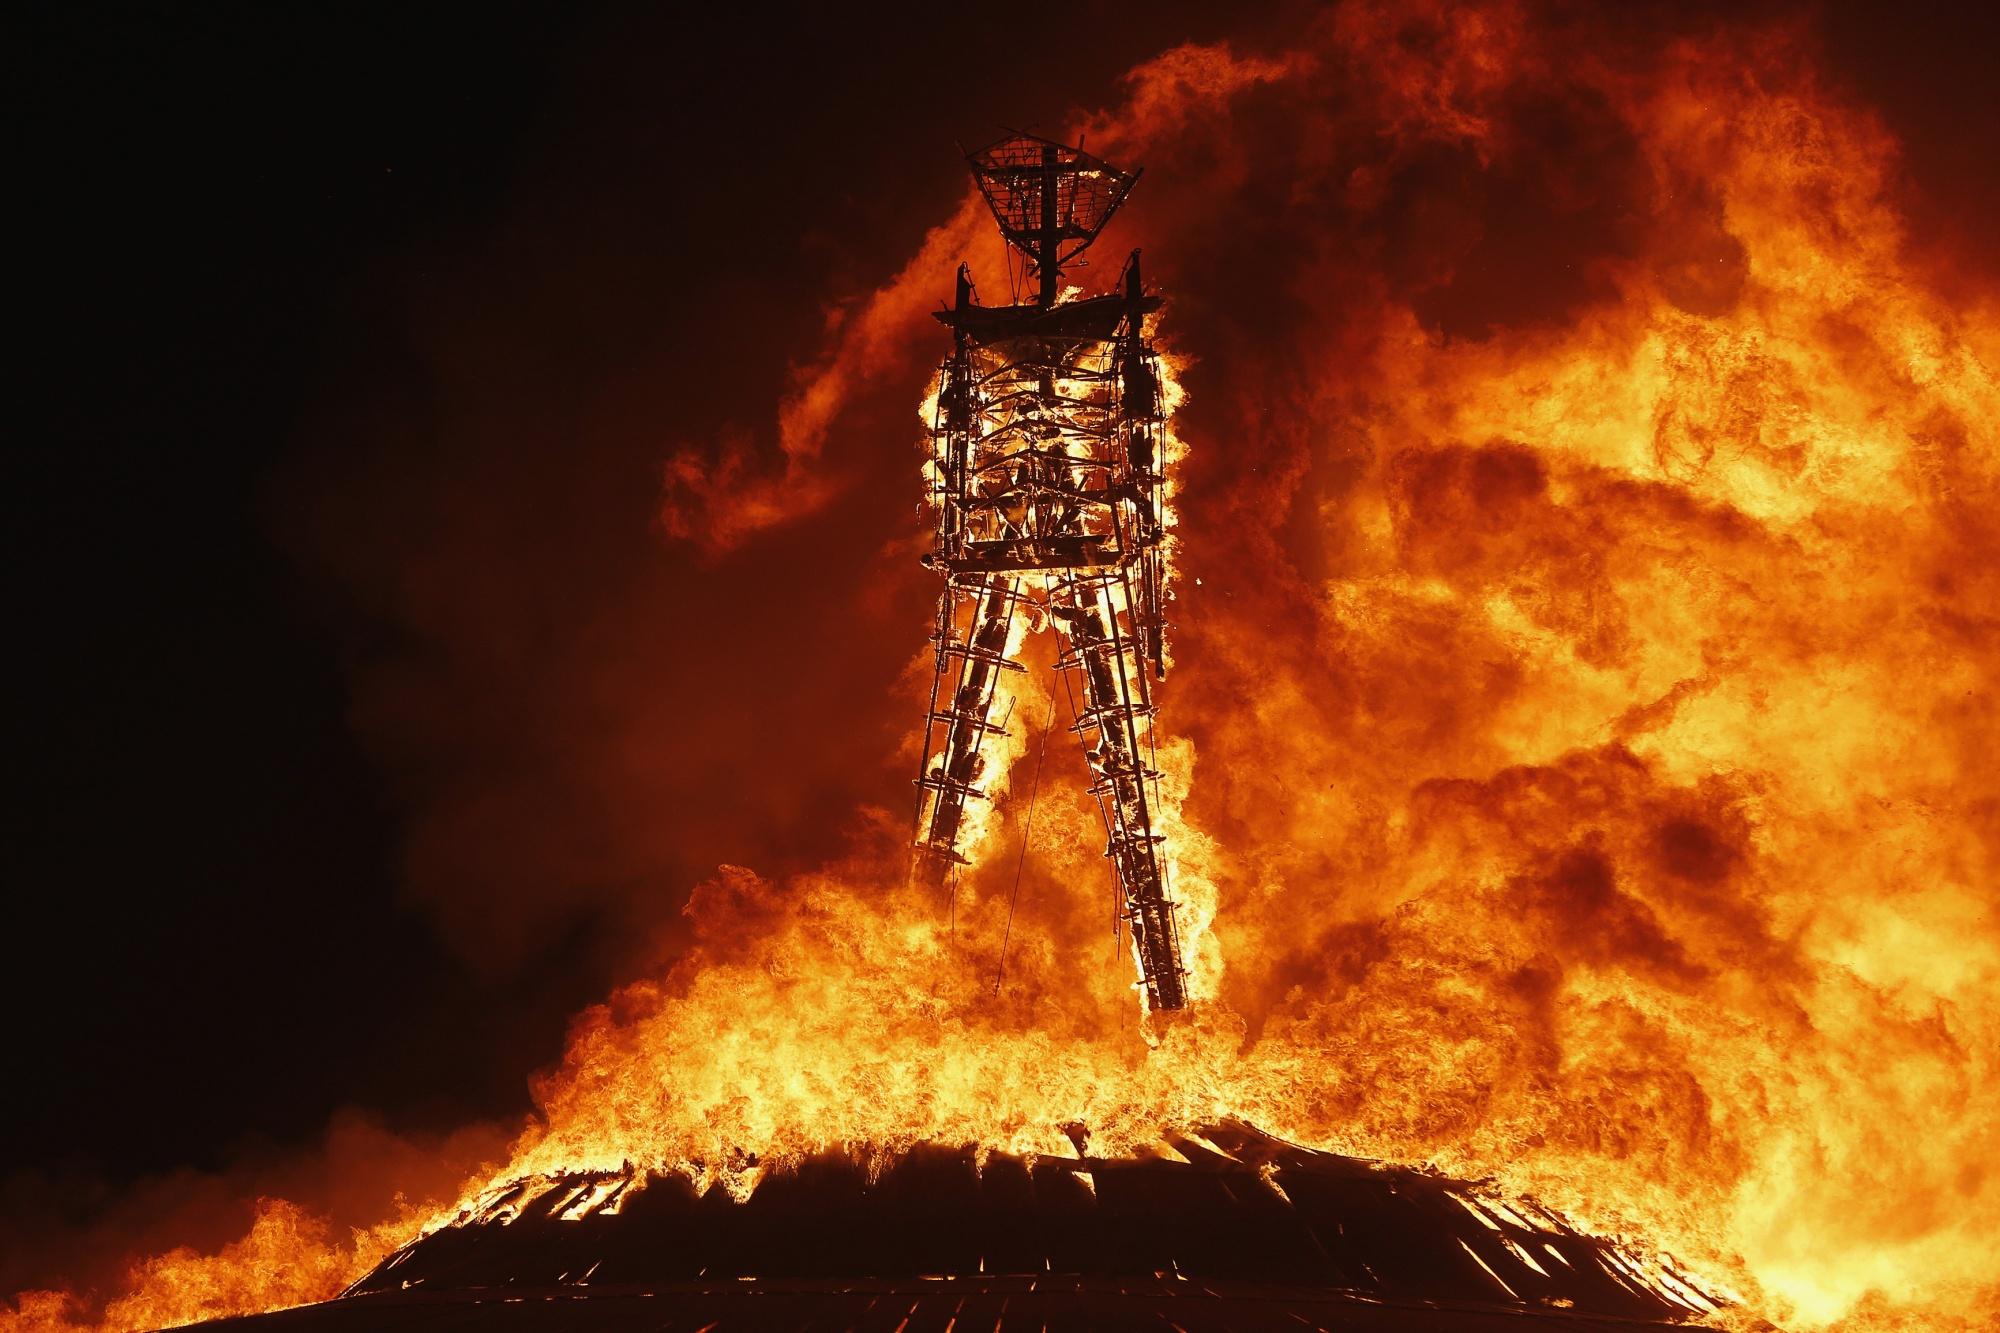 La fin du festival le feu emporte burning man for Porte sur le feu